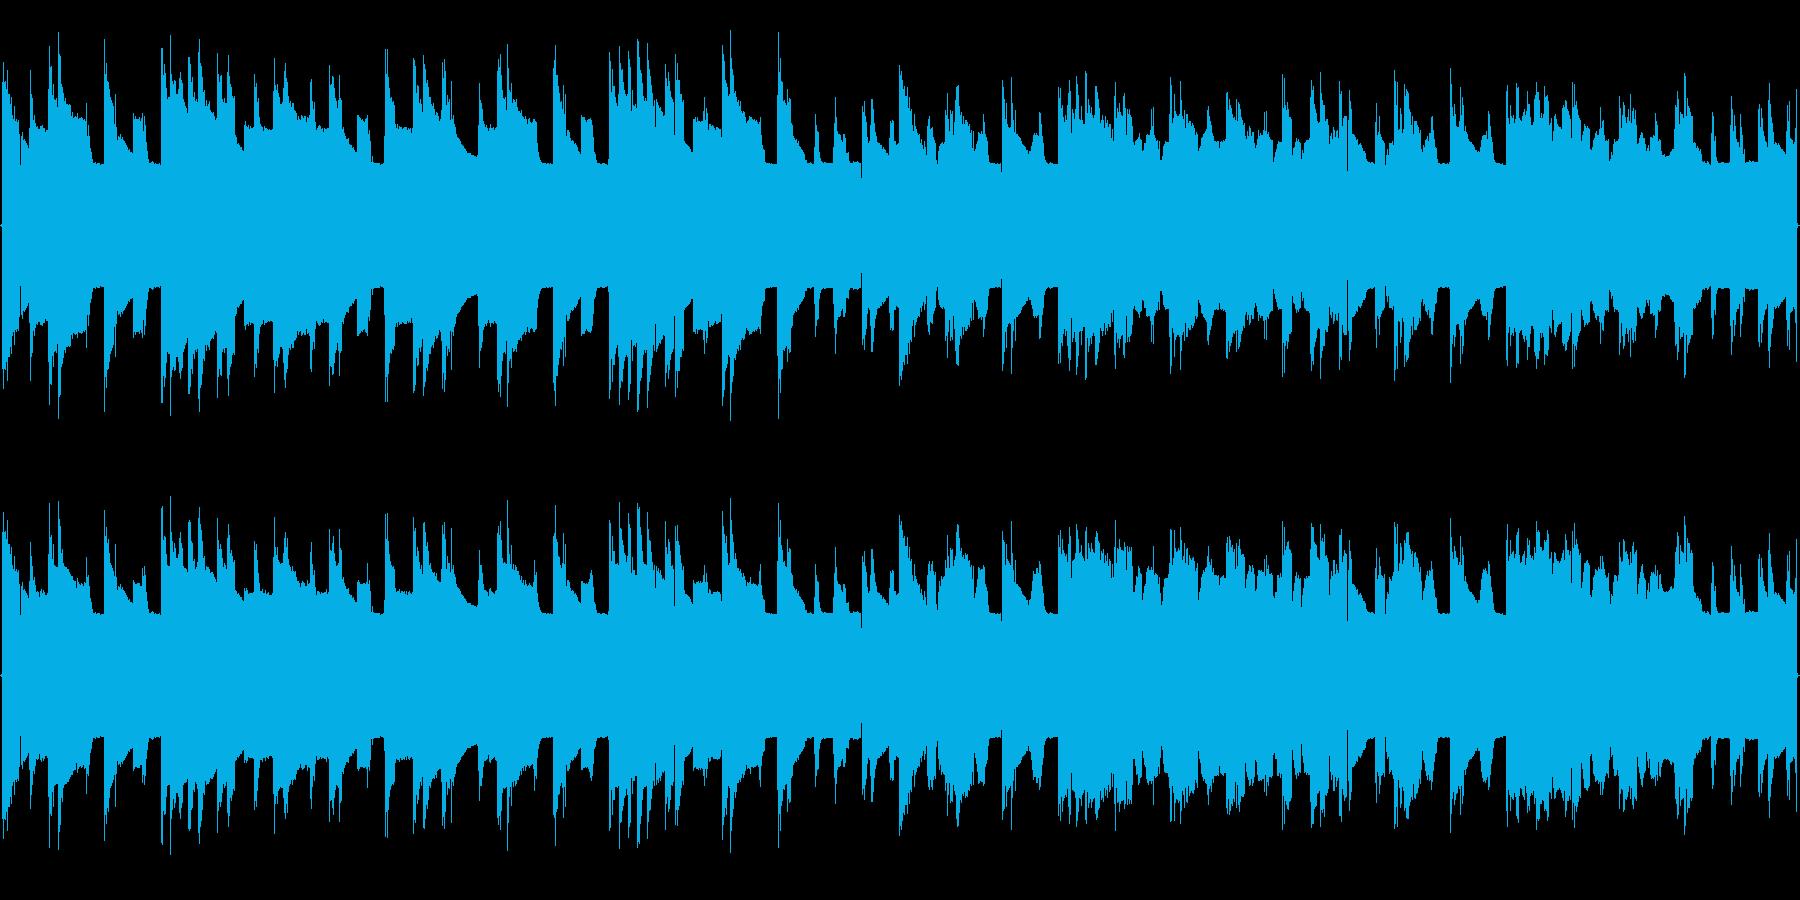 チップチューンの短いジャズループ3の再生済みの波形